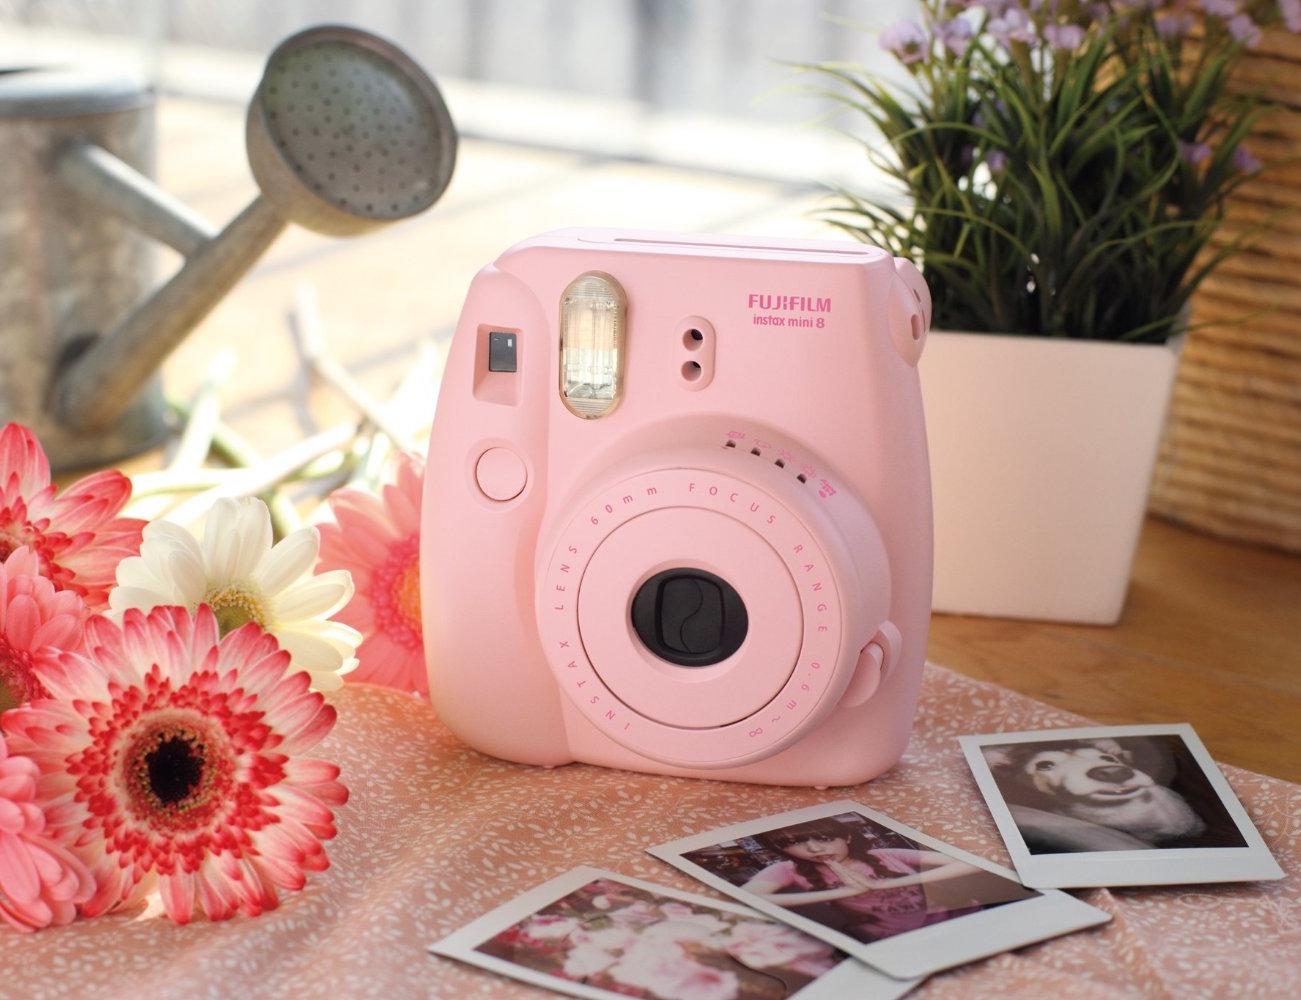 cadeau de noel pour femme hi tech, un appareil photo polaroid couleur rose pour prendre des photos instantanées